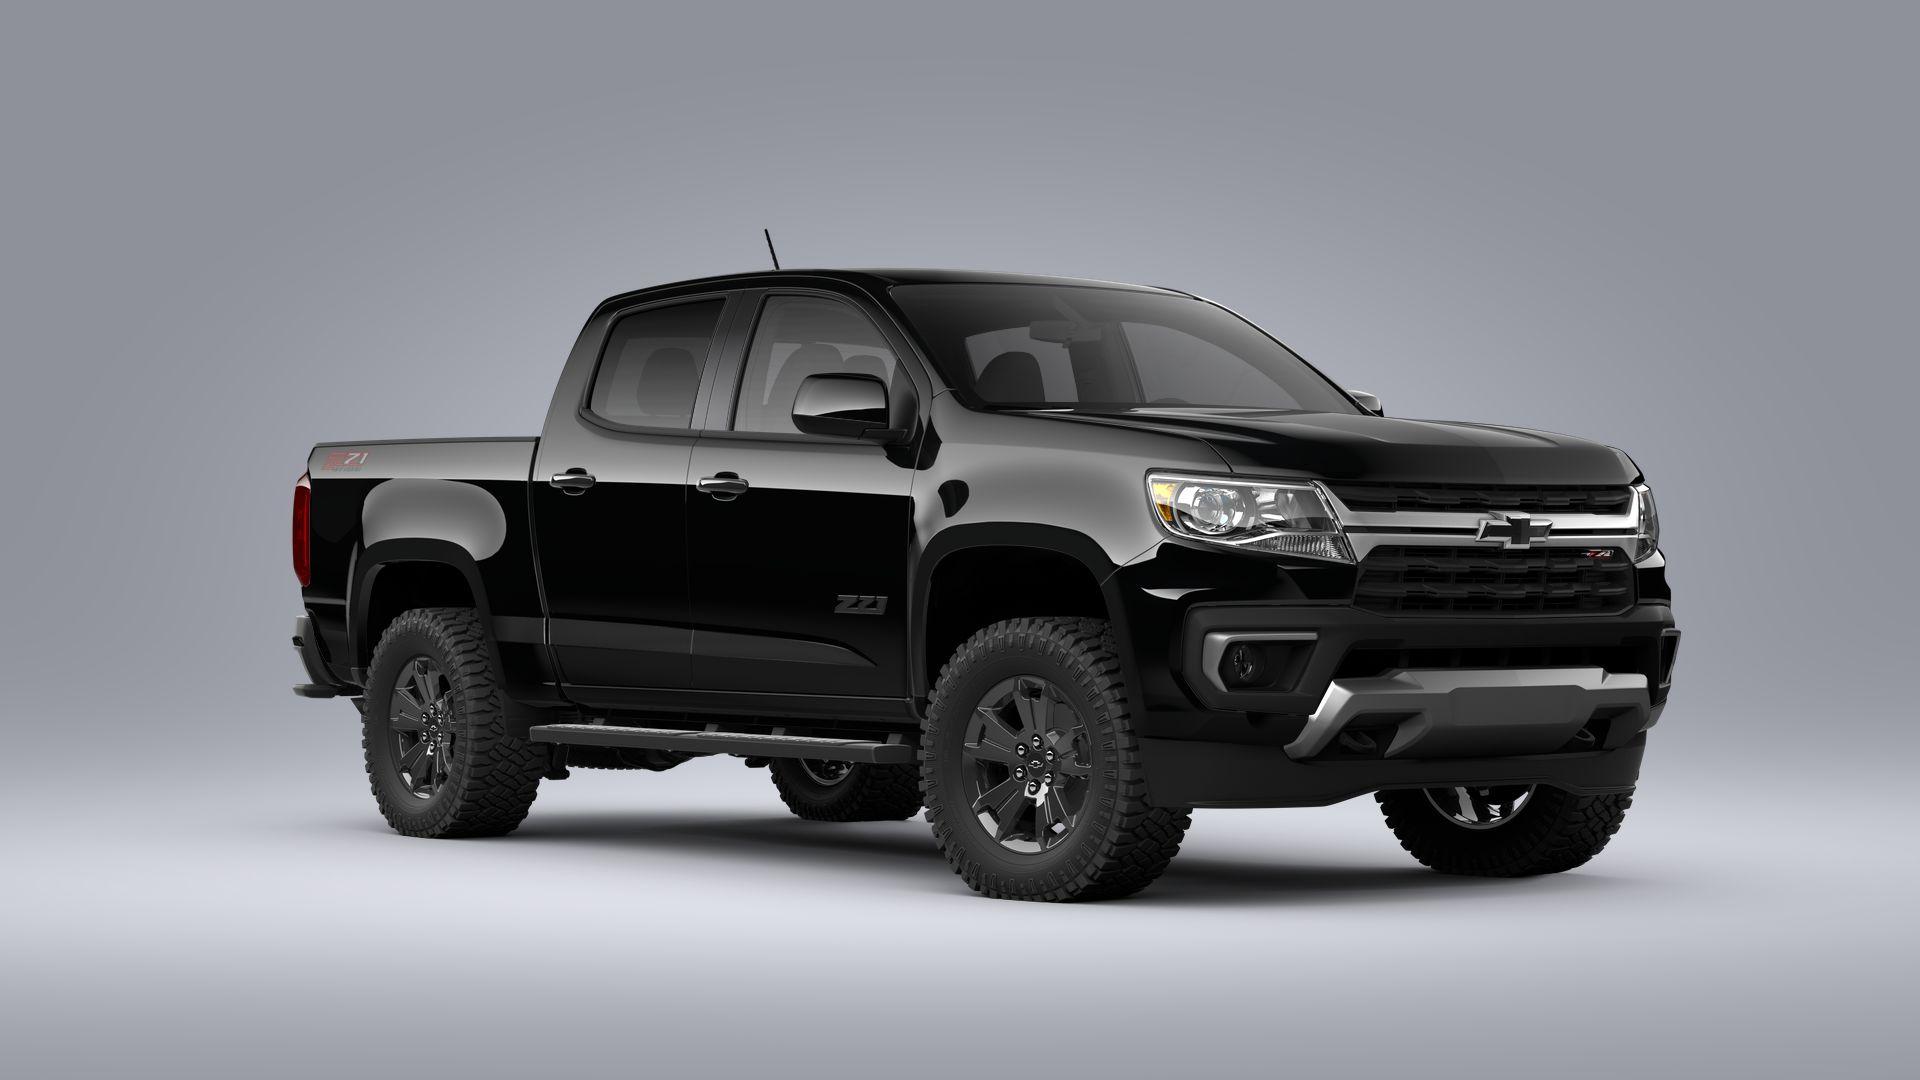 2022 Chevrolet Colorado Truck